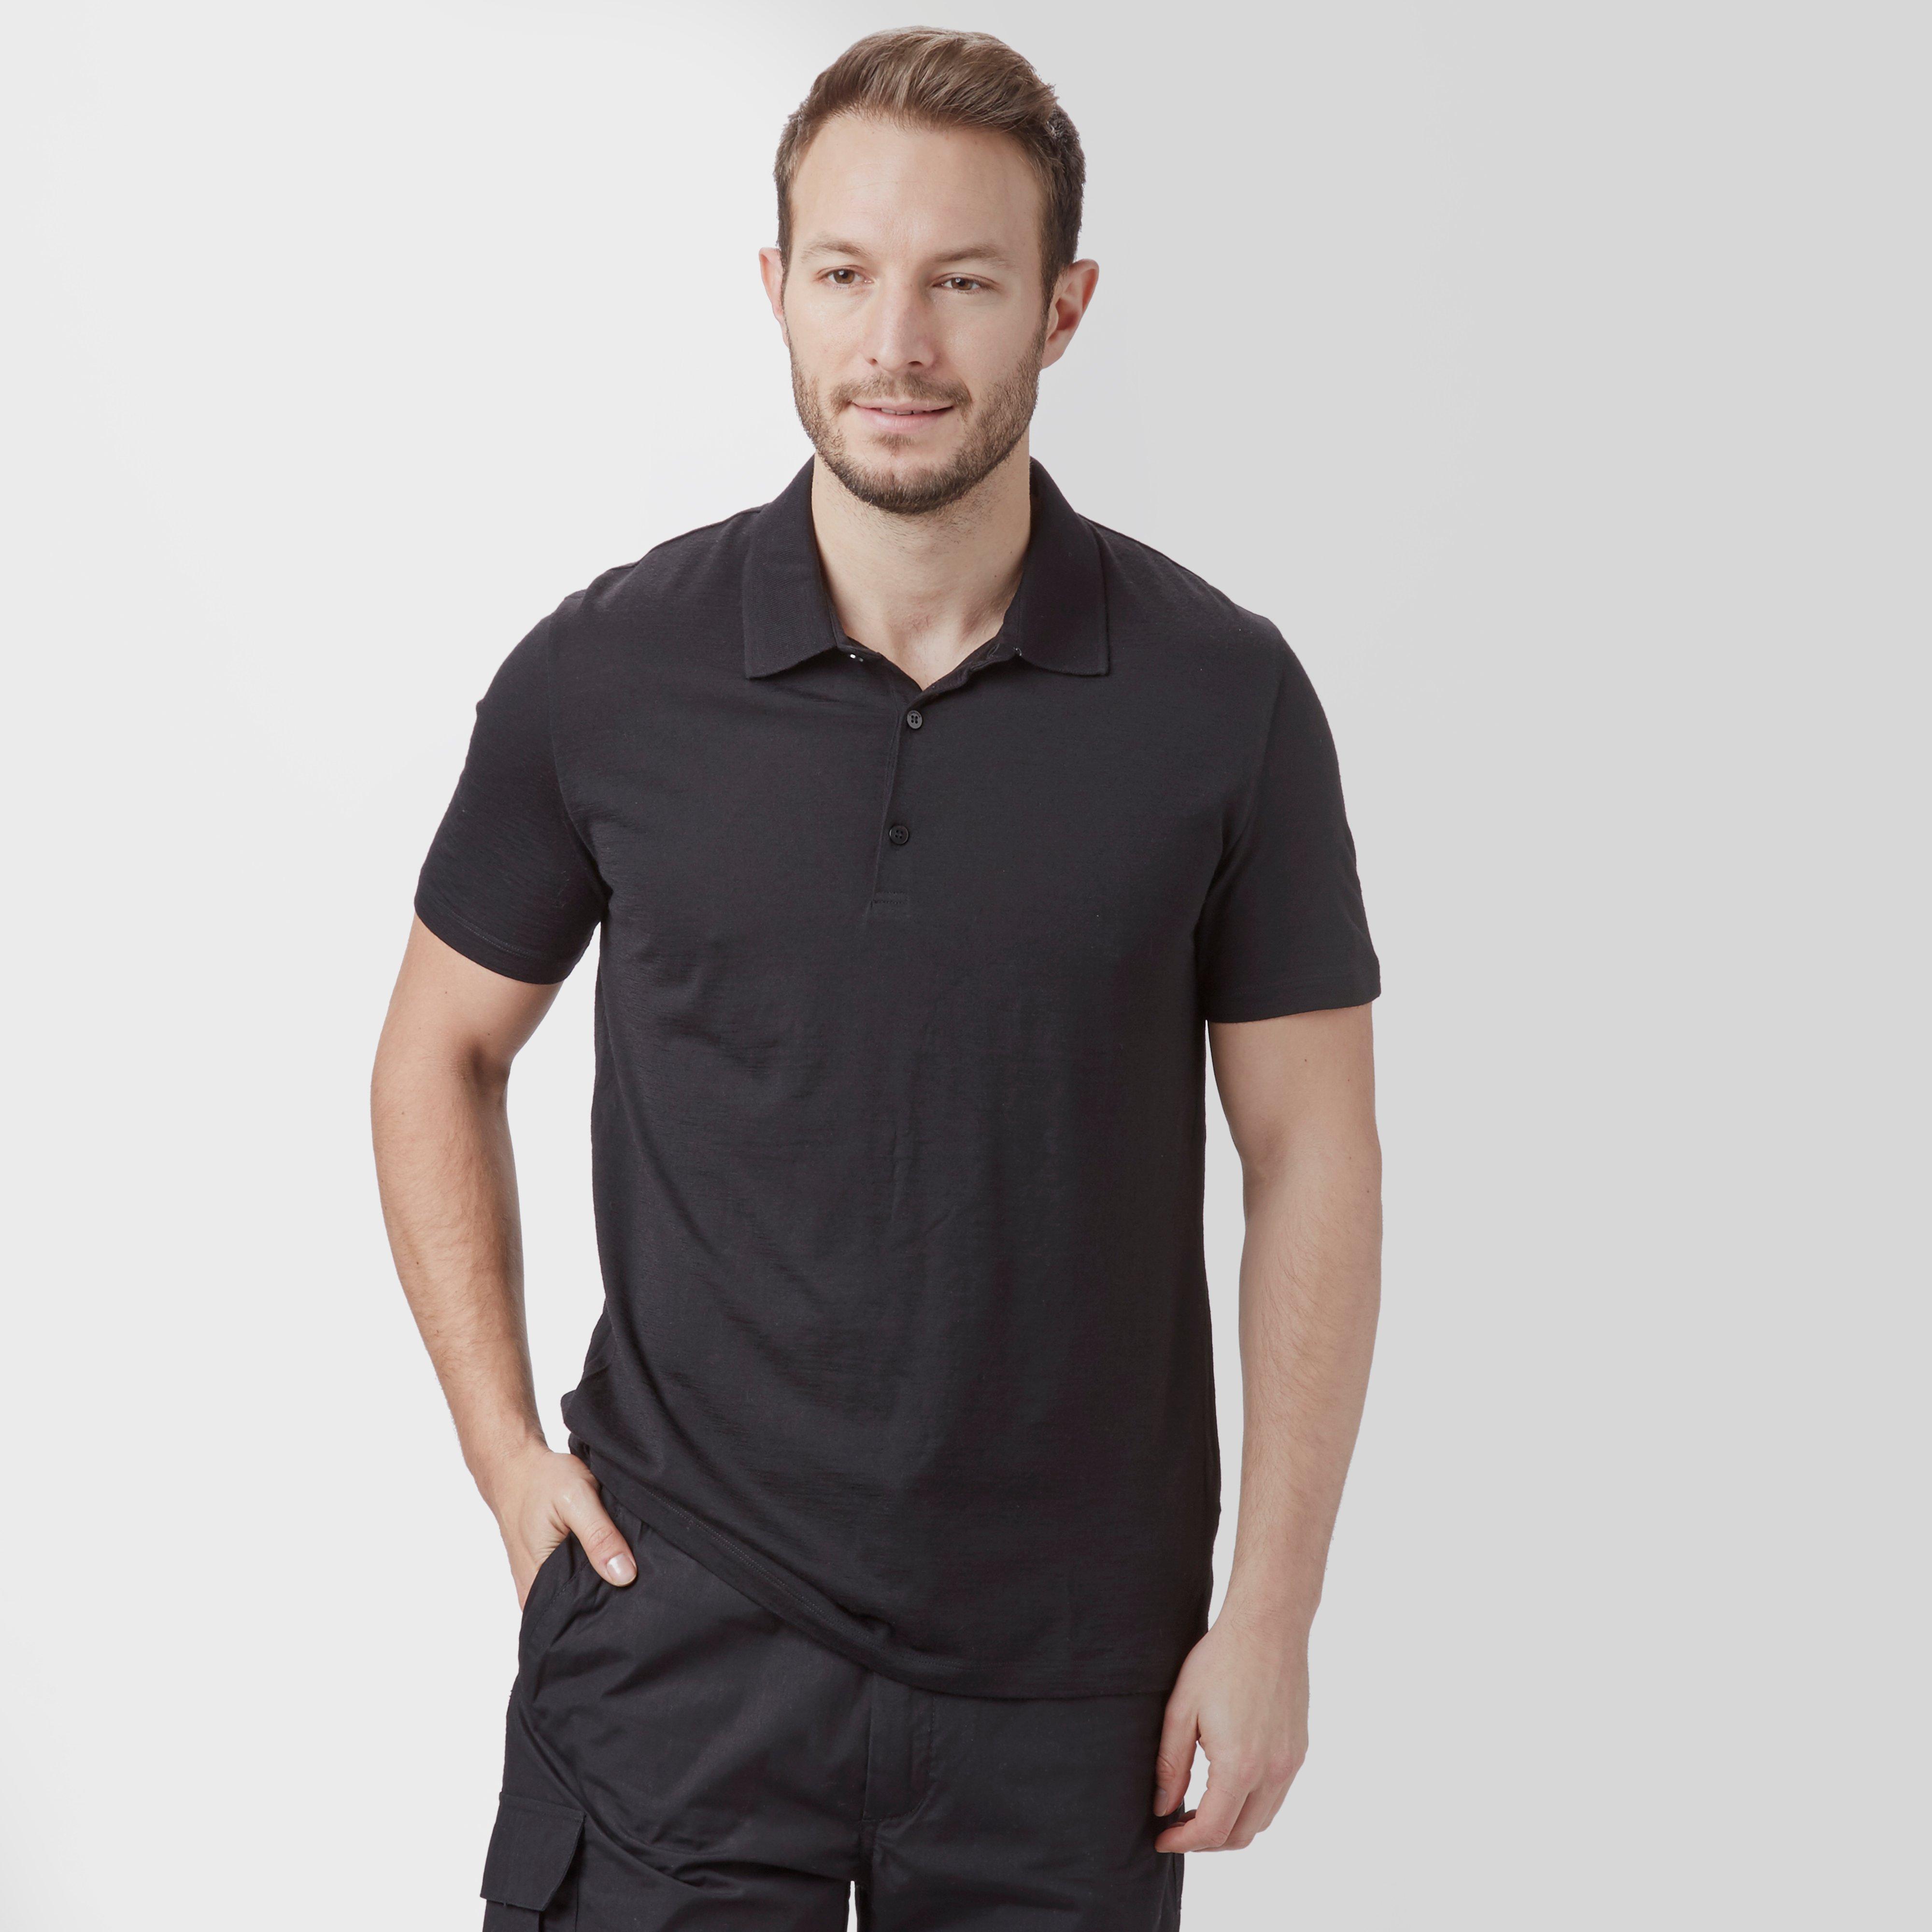 Icebreaker Mens Tech Lite Short Sleeve Polo Black